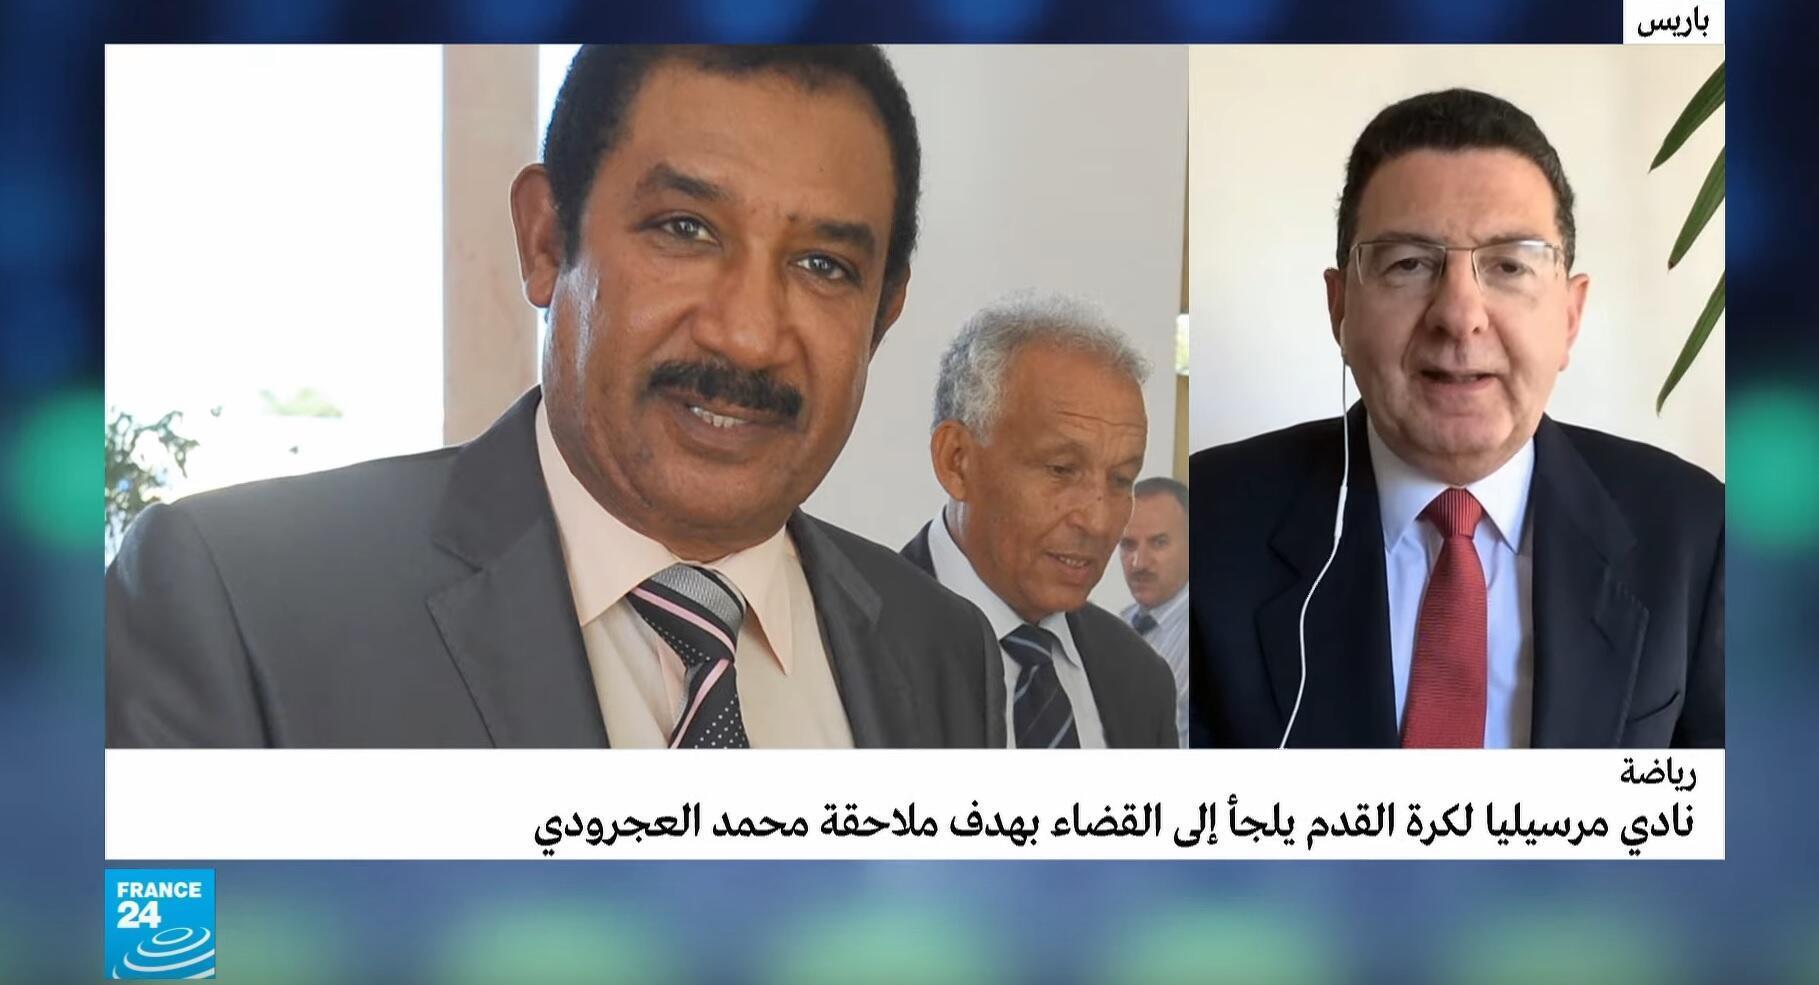 مرسيليا يلاحق رجل الأعمال التونسي أمام القضاء